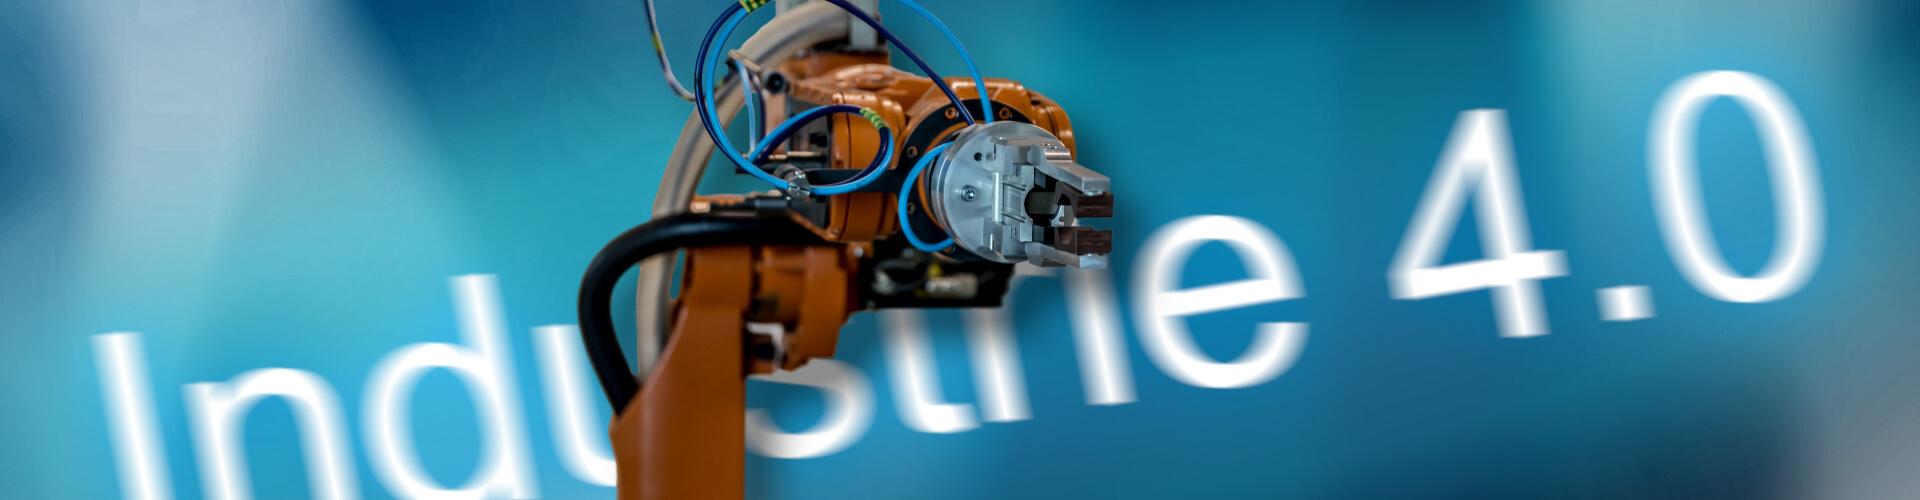 Ein Roboterarm vor Industrie 4.0-Hintergrund